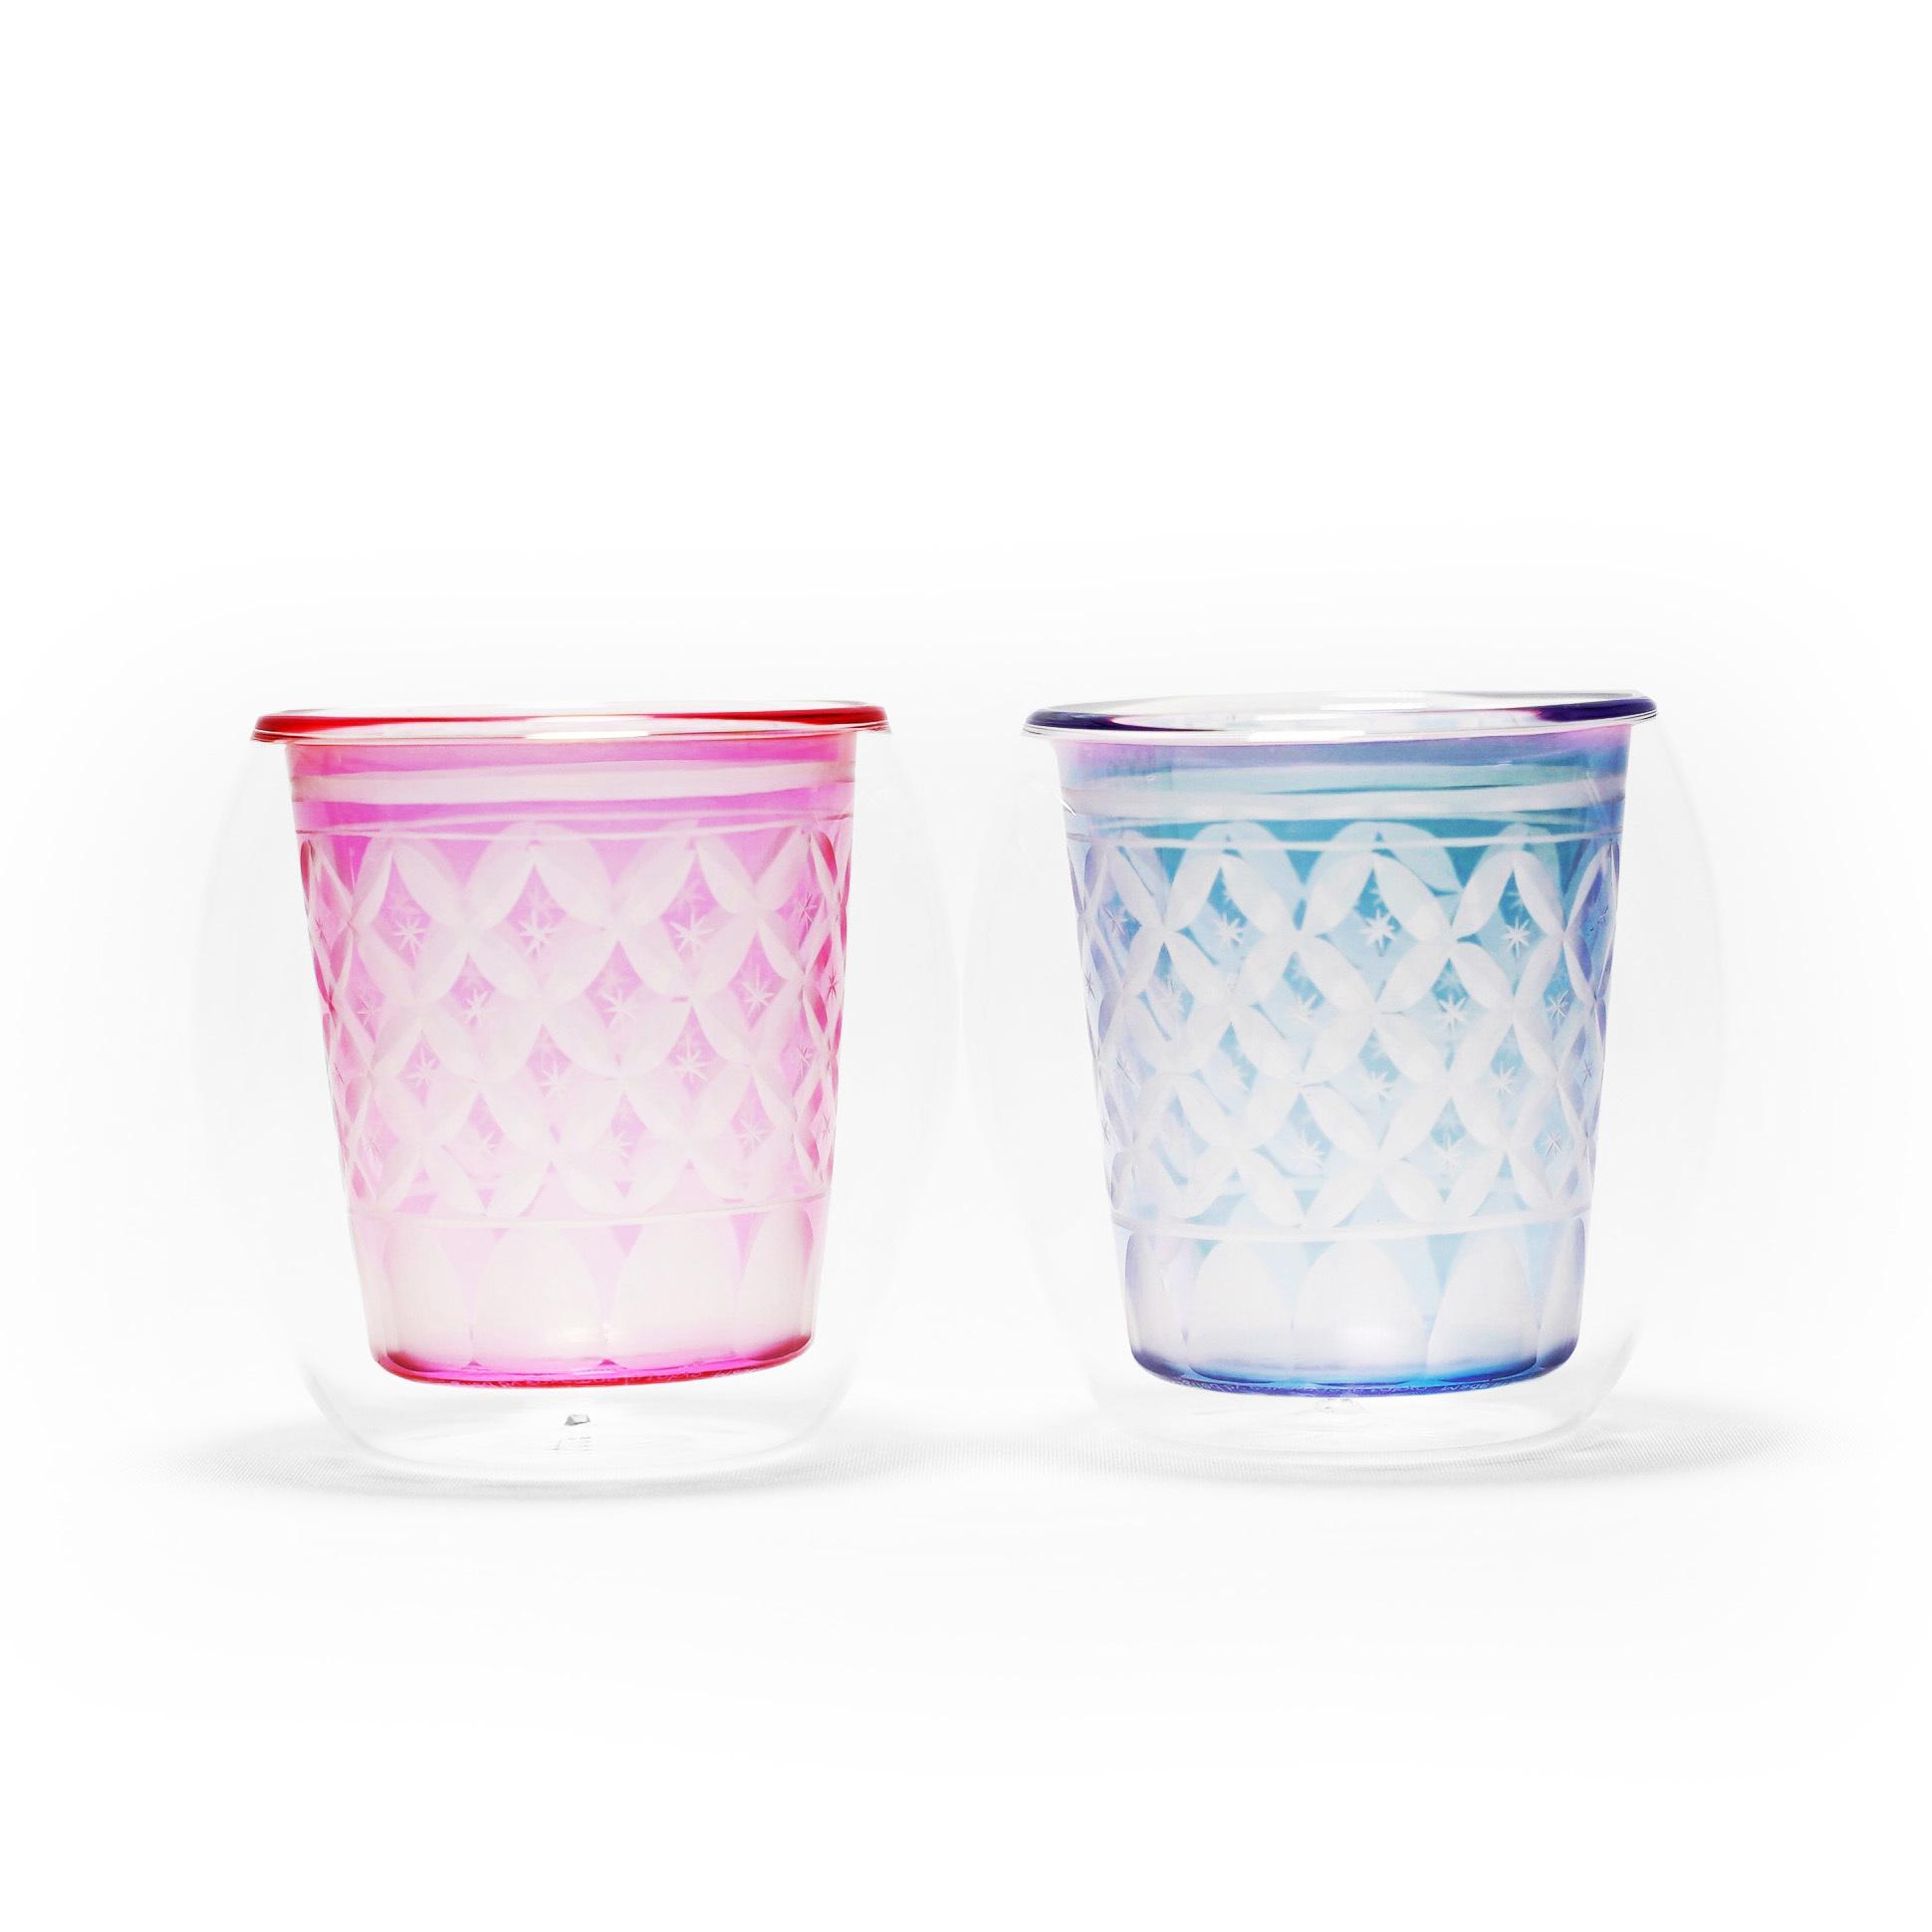 切子×ダブルウォールグラス「Fuwan-浮碗」/ 金赤・瑠璃